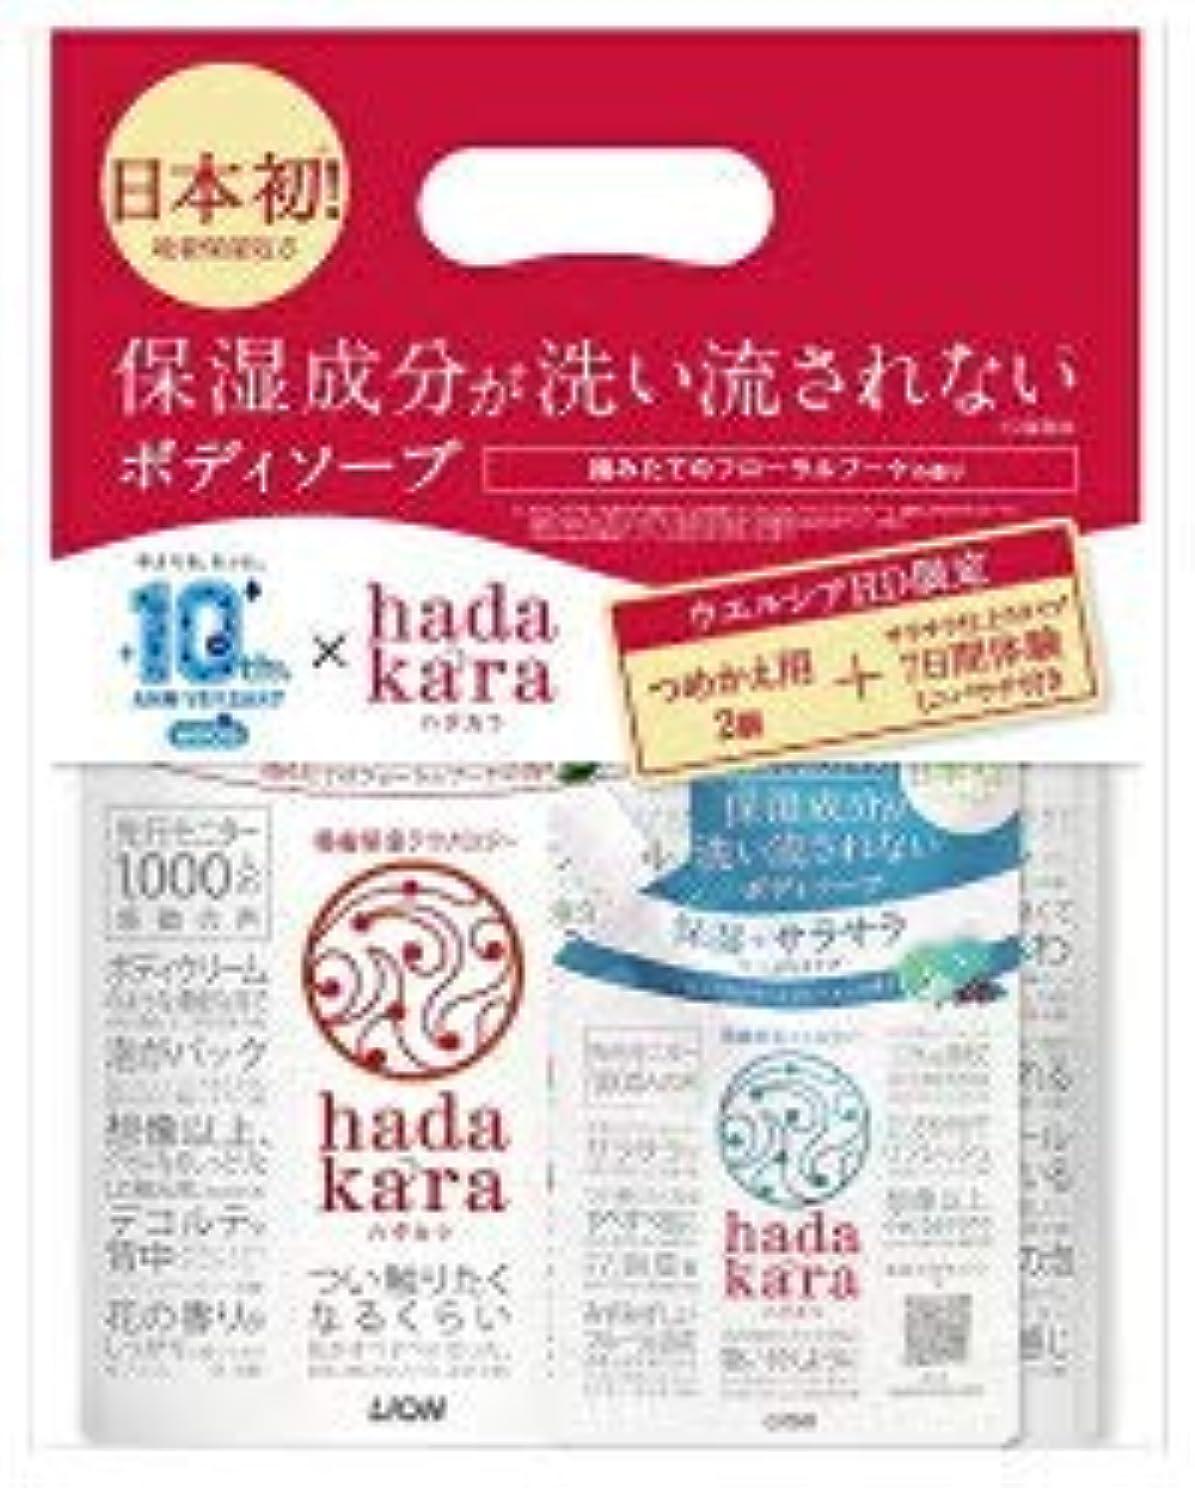 悔い改めスクリュー血まみれライオン hadakara フローラルブーケの香り 詰替 2個パック+ミニパウチ ボディソープ 6個セット